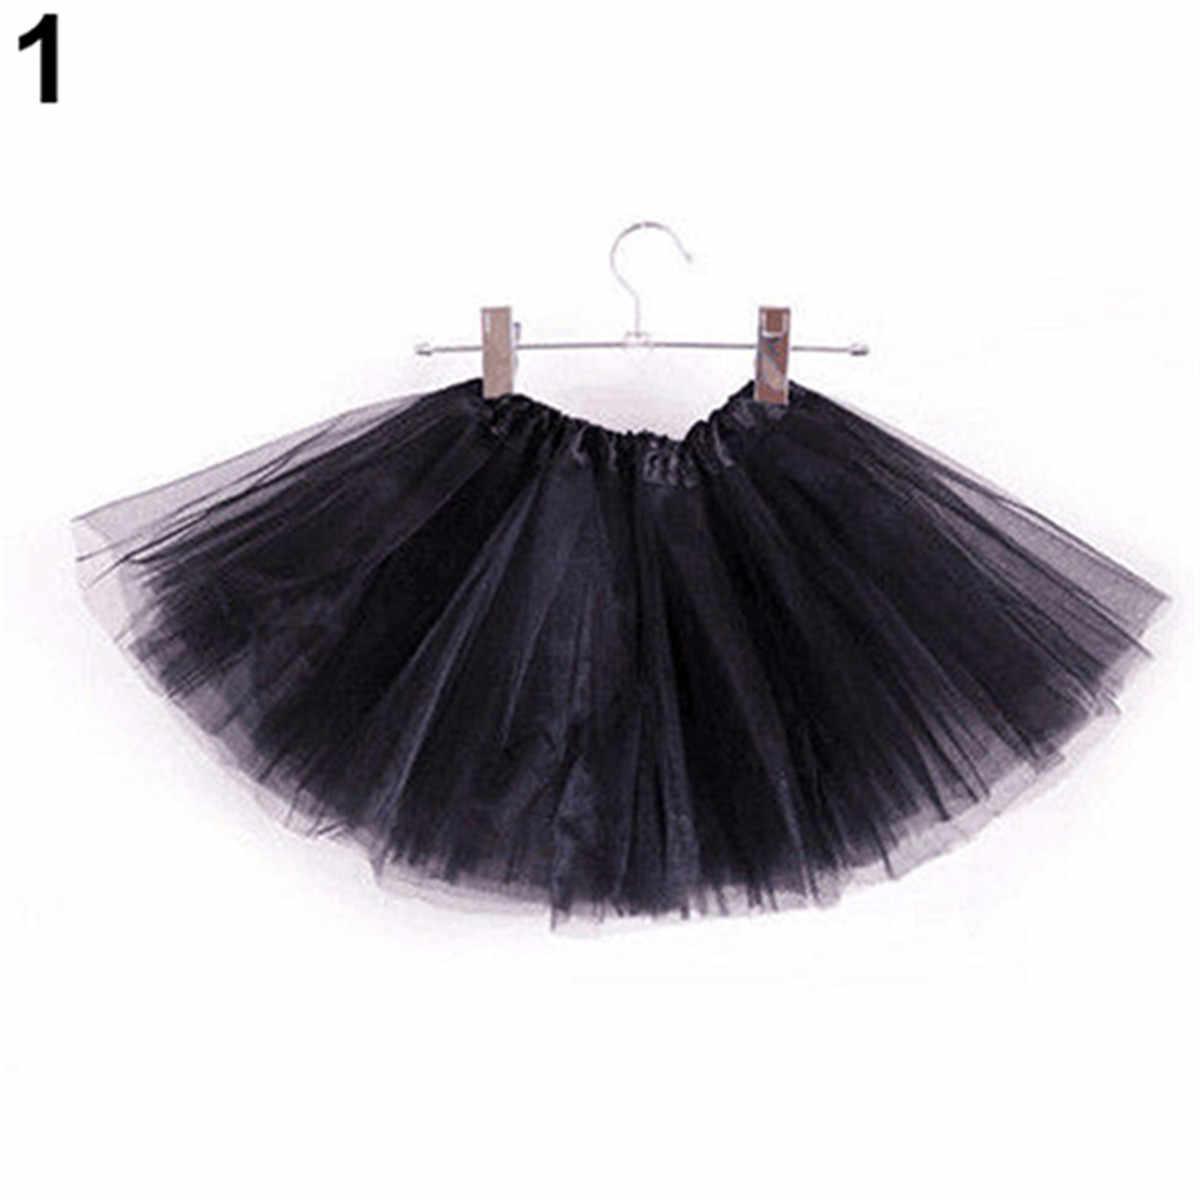 Encantadora suave de bebé niños falda tutú de baile para niña de 3 capas de niño pequeño pettiskirt los niños Falda de baile